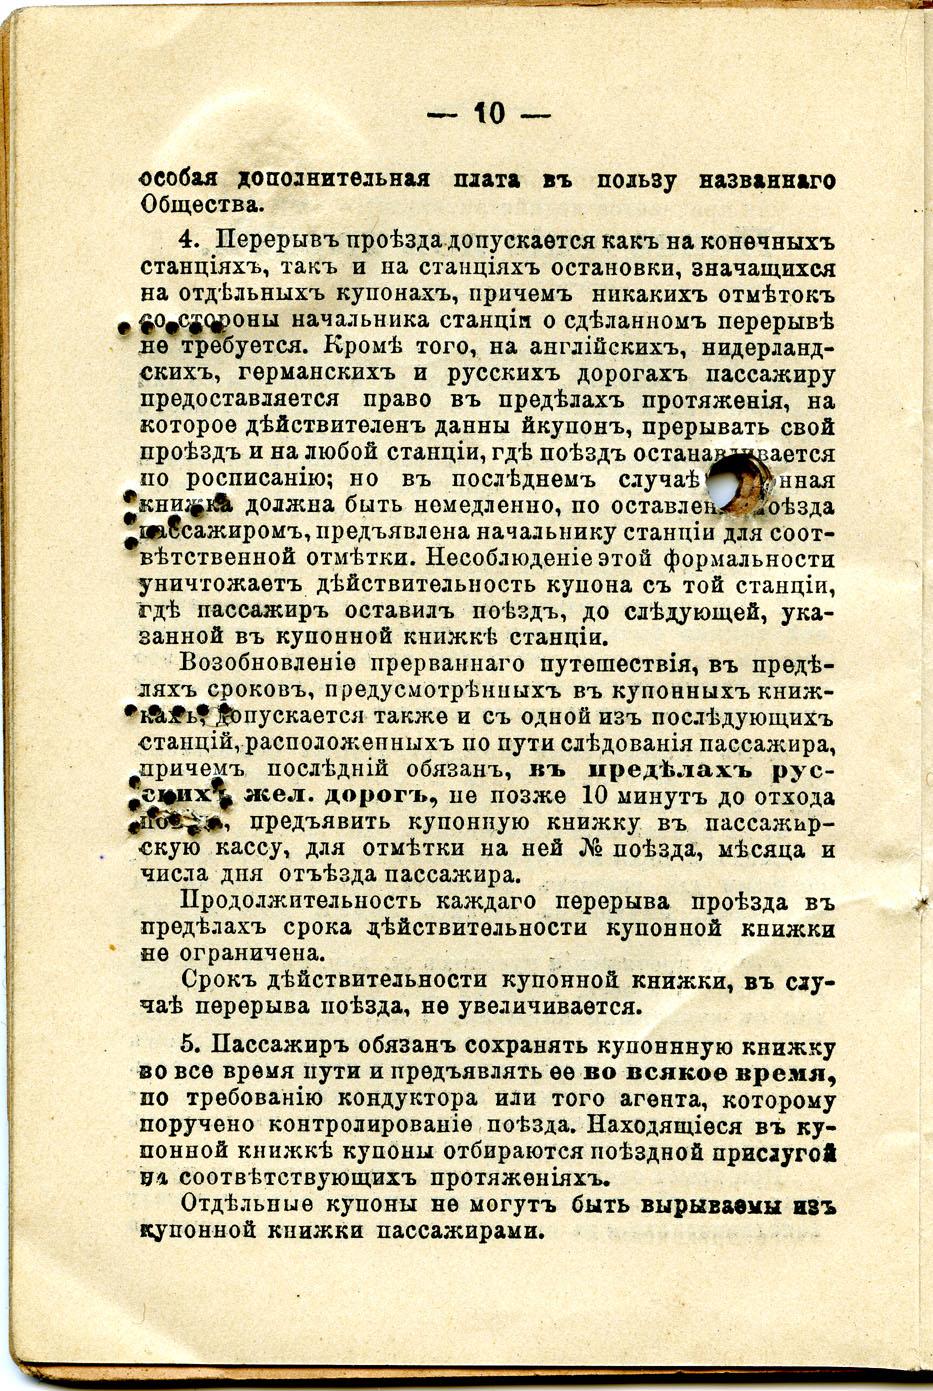 Polya's Train Ticket Paris to Alexandrowo 1913 p24